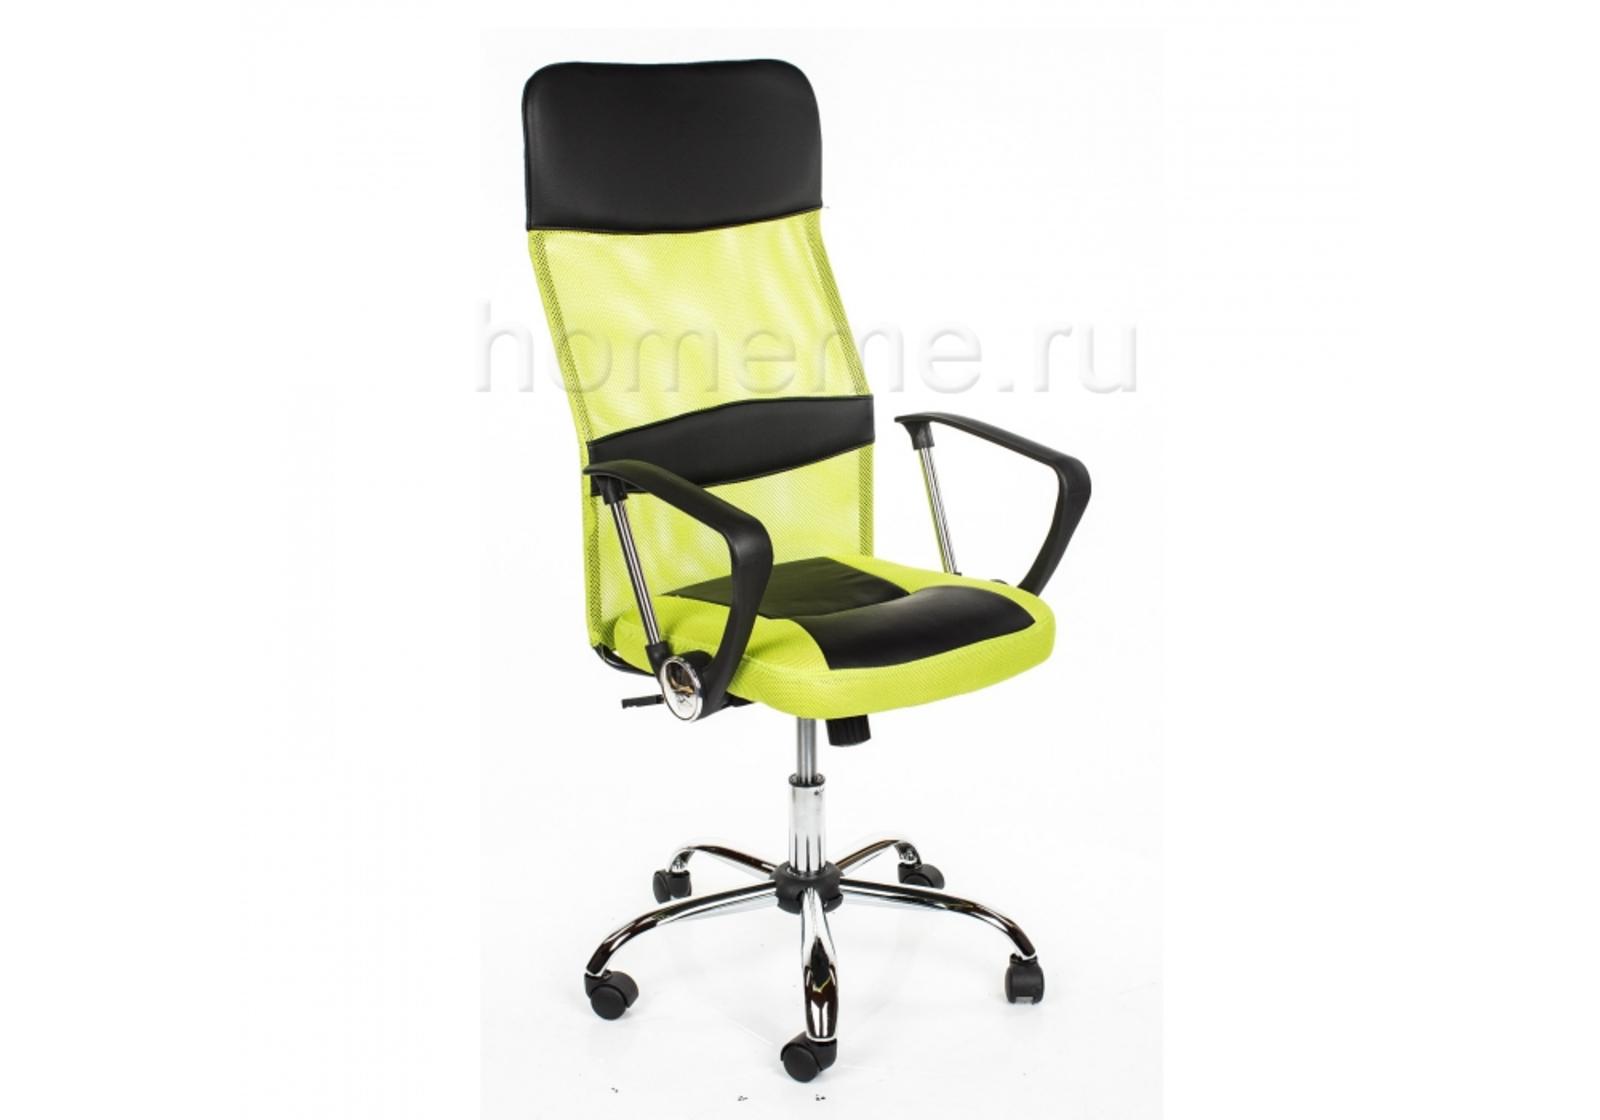 Кресло для офиса HomeMe ARANO зеленое 1488 от Homeme.ru